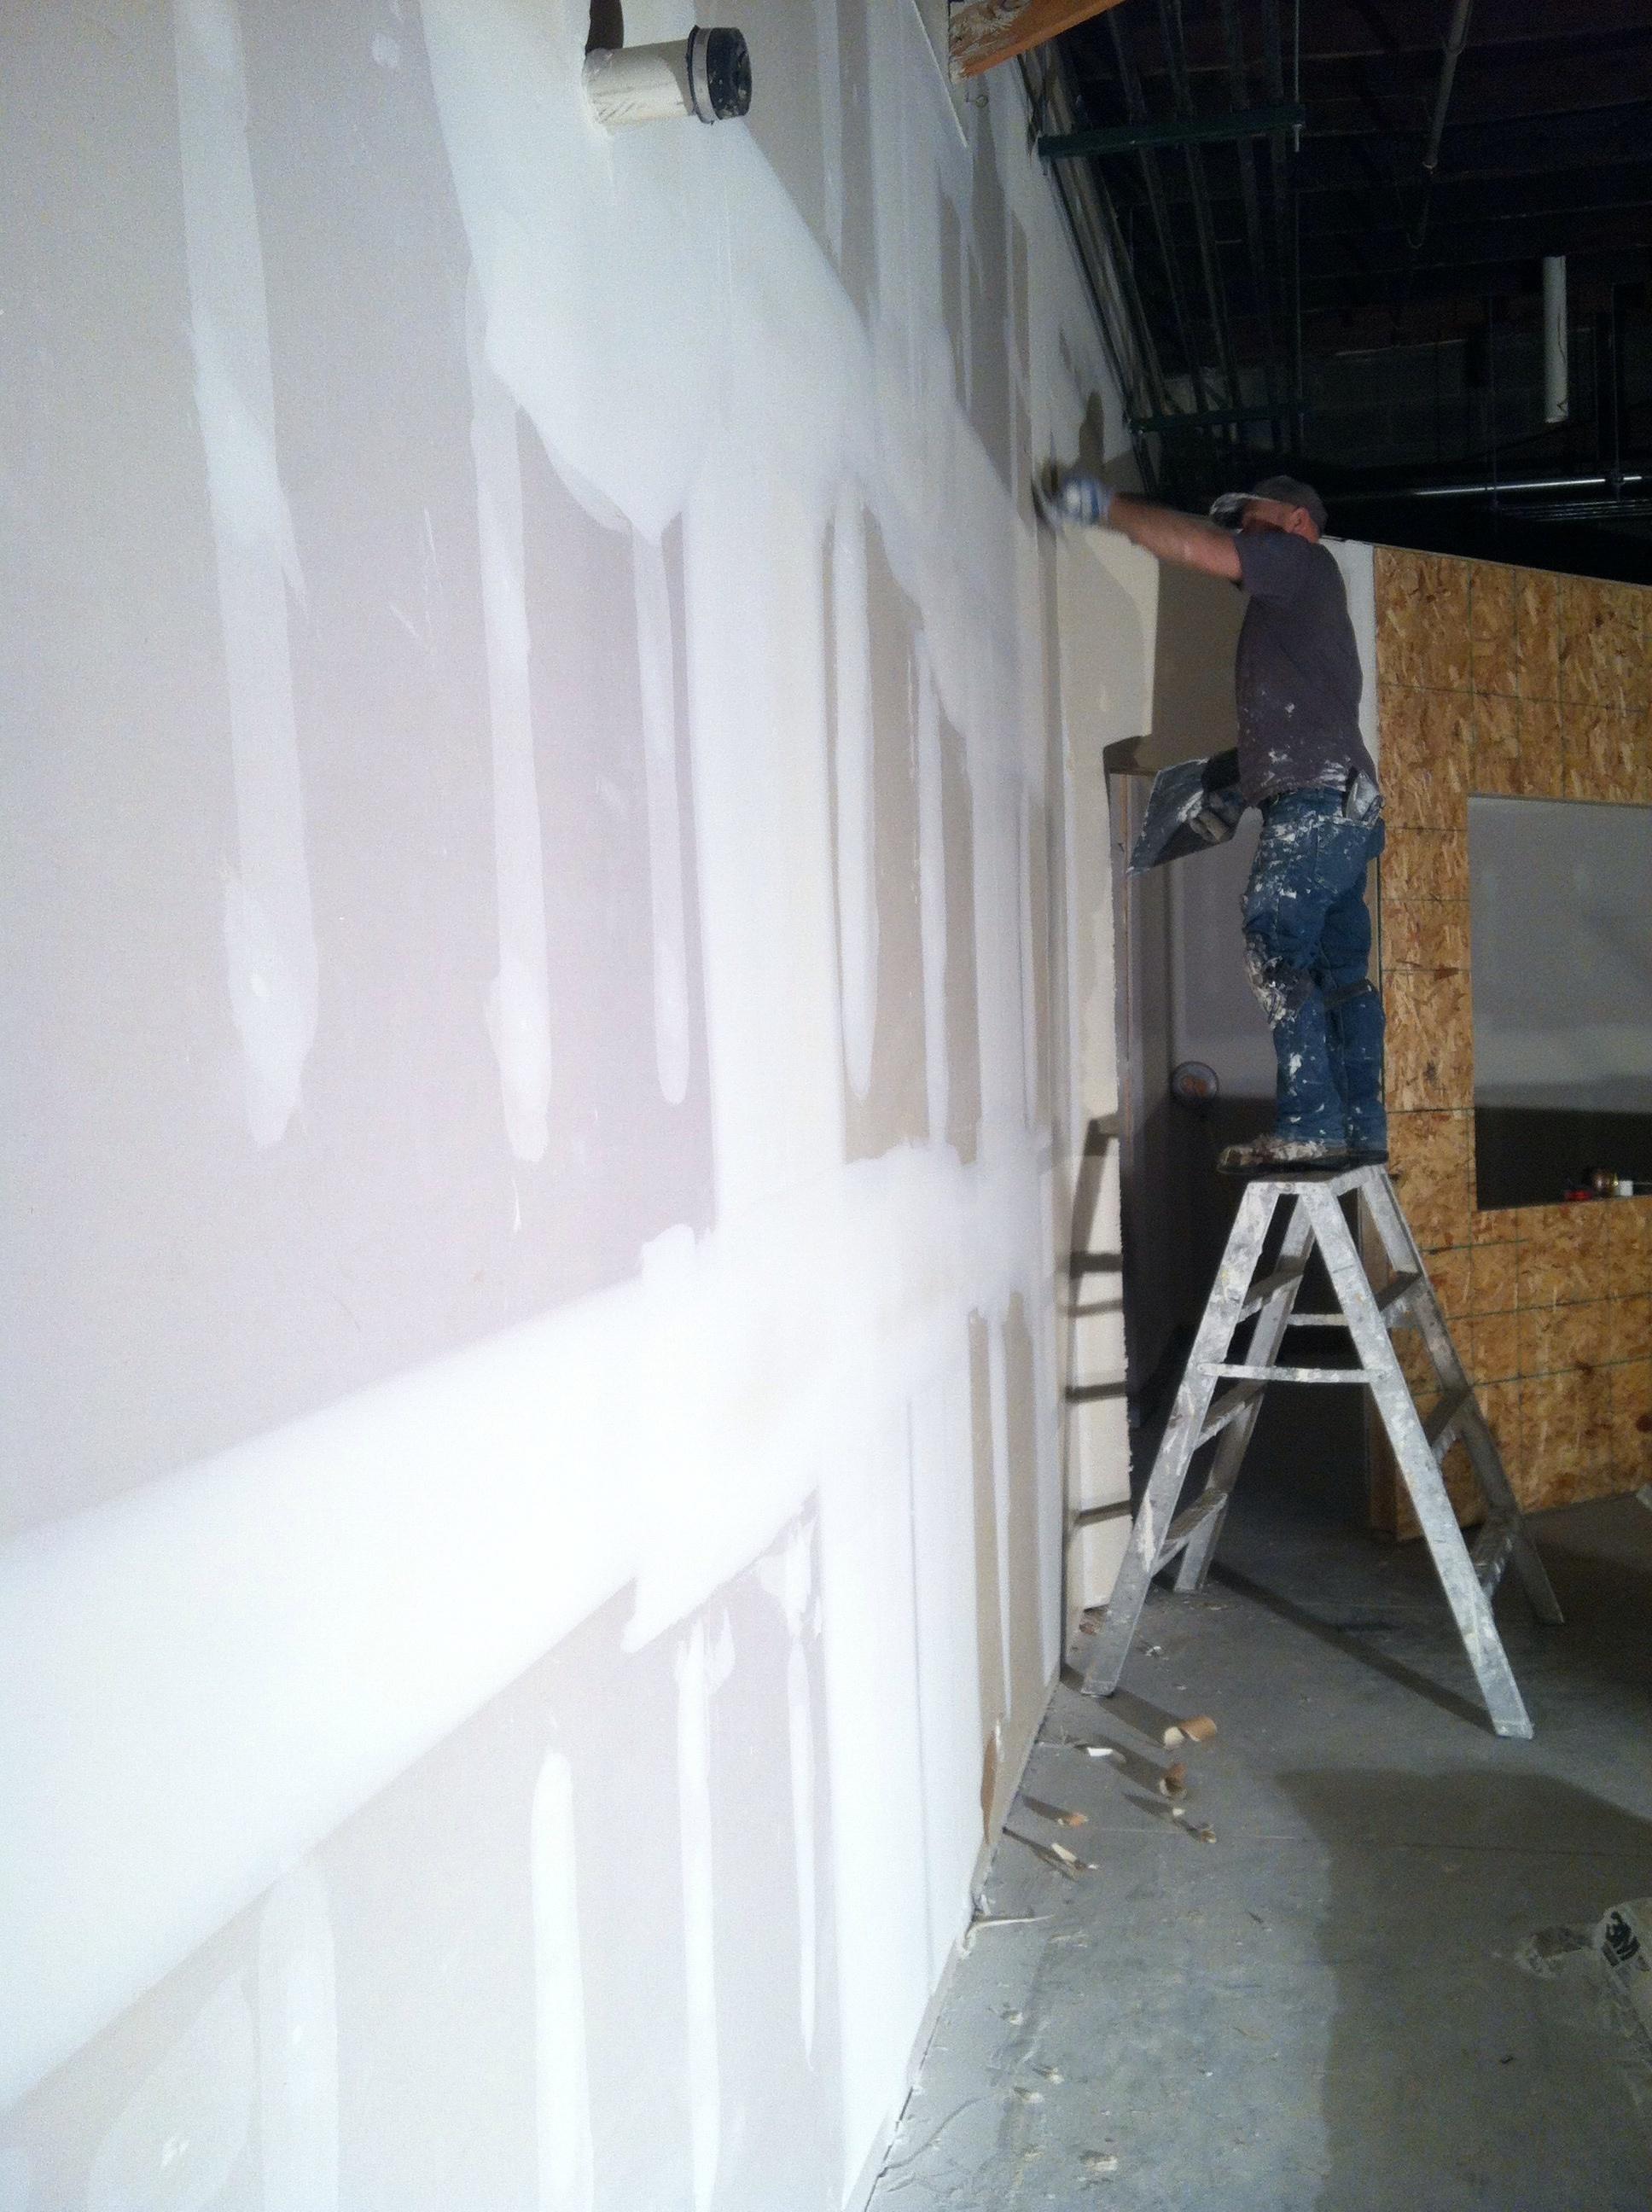 Drywall taping and mudding